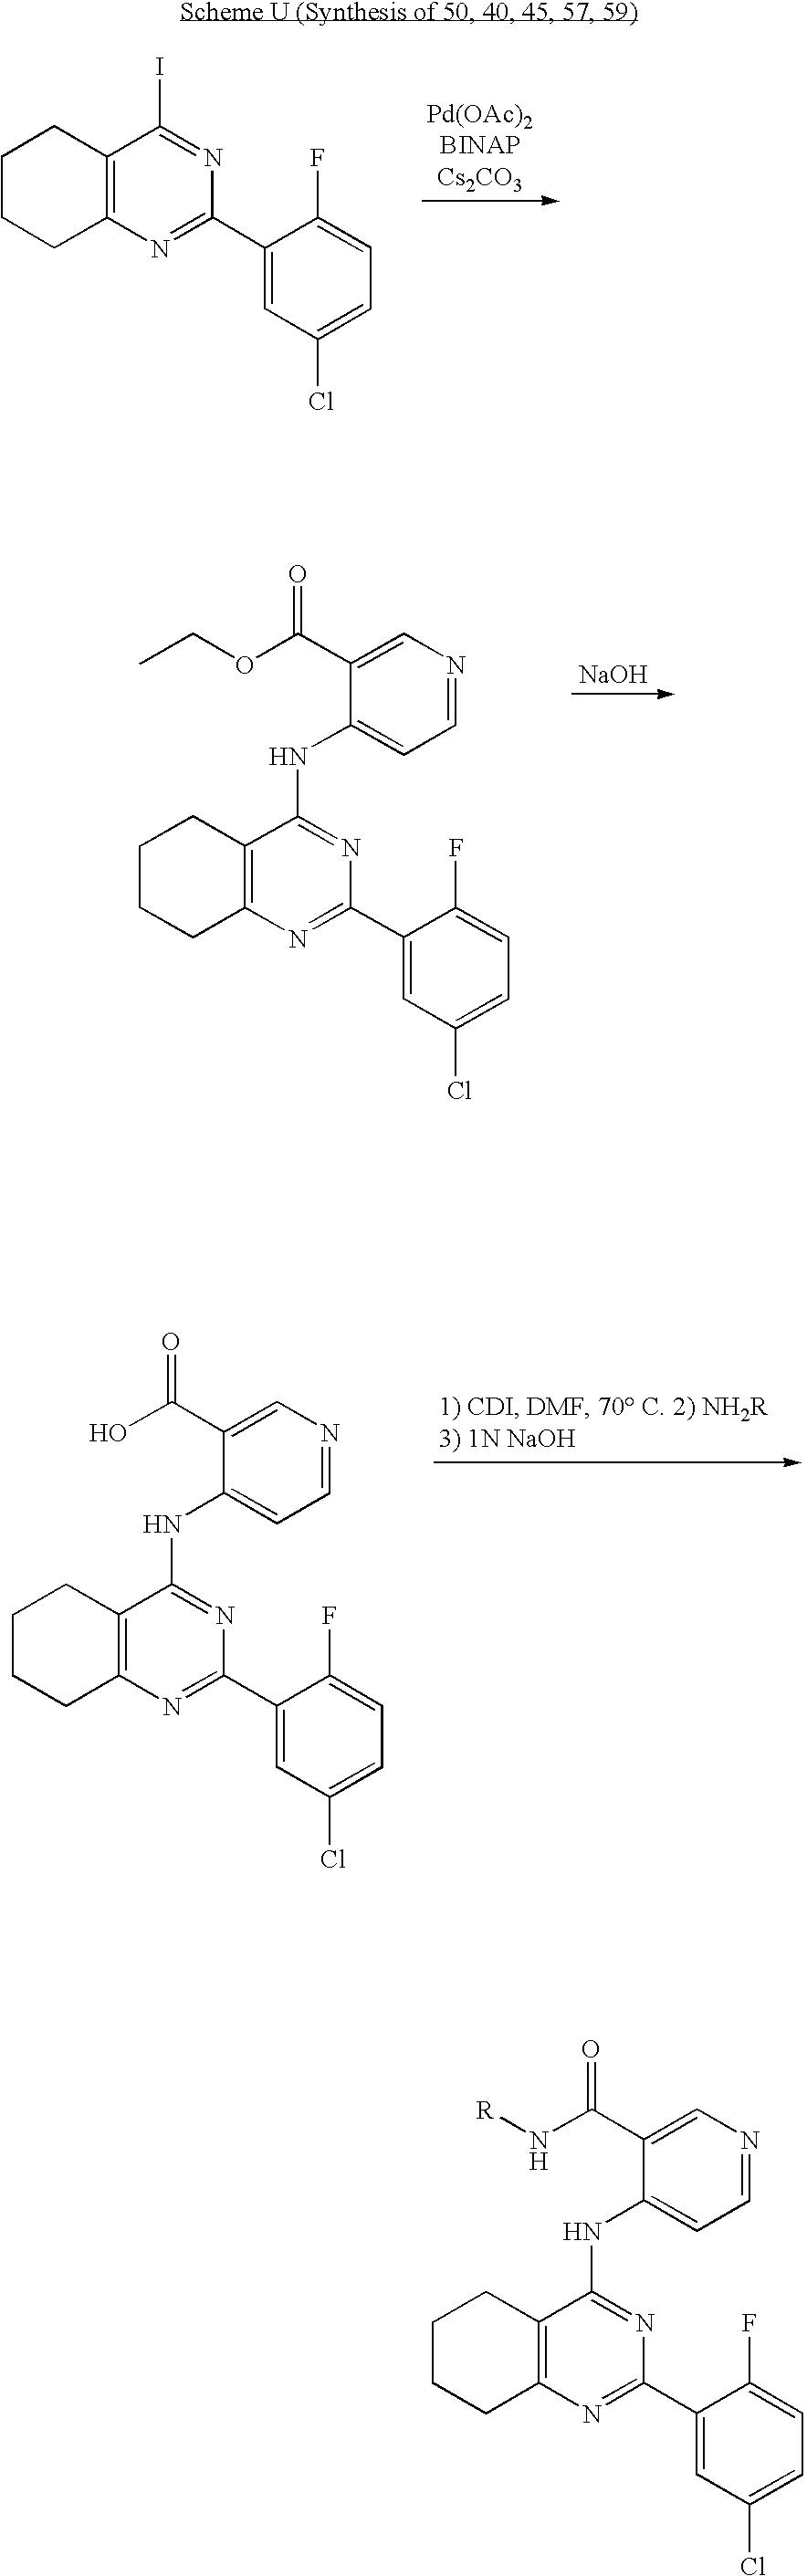 Figure US20050004143A1-20050106-C00123